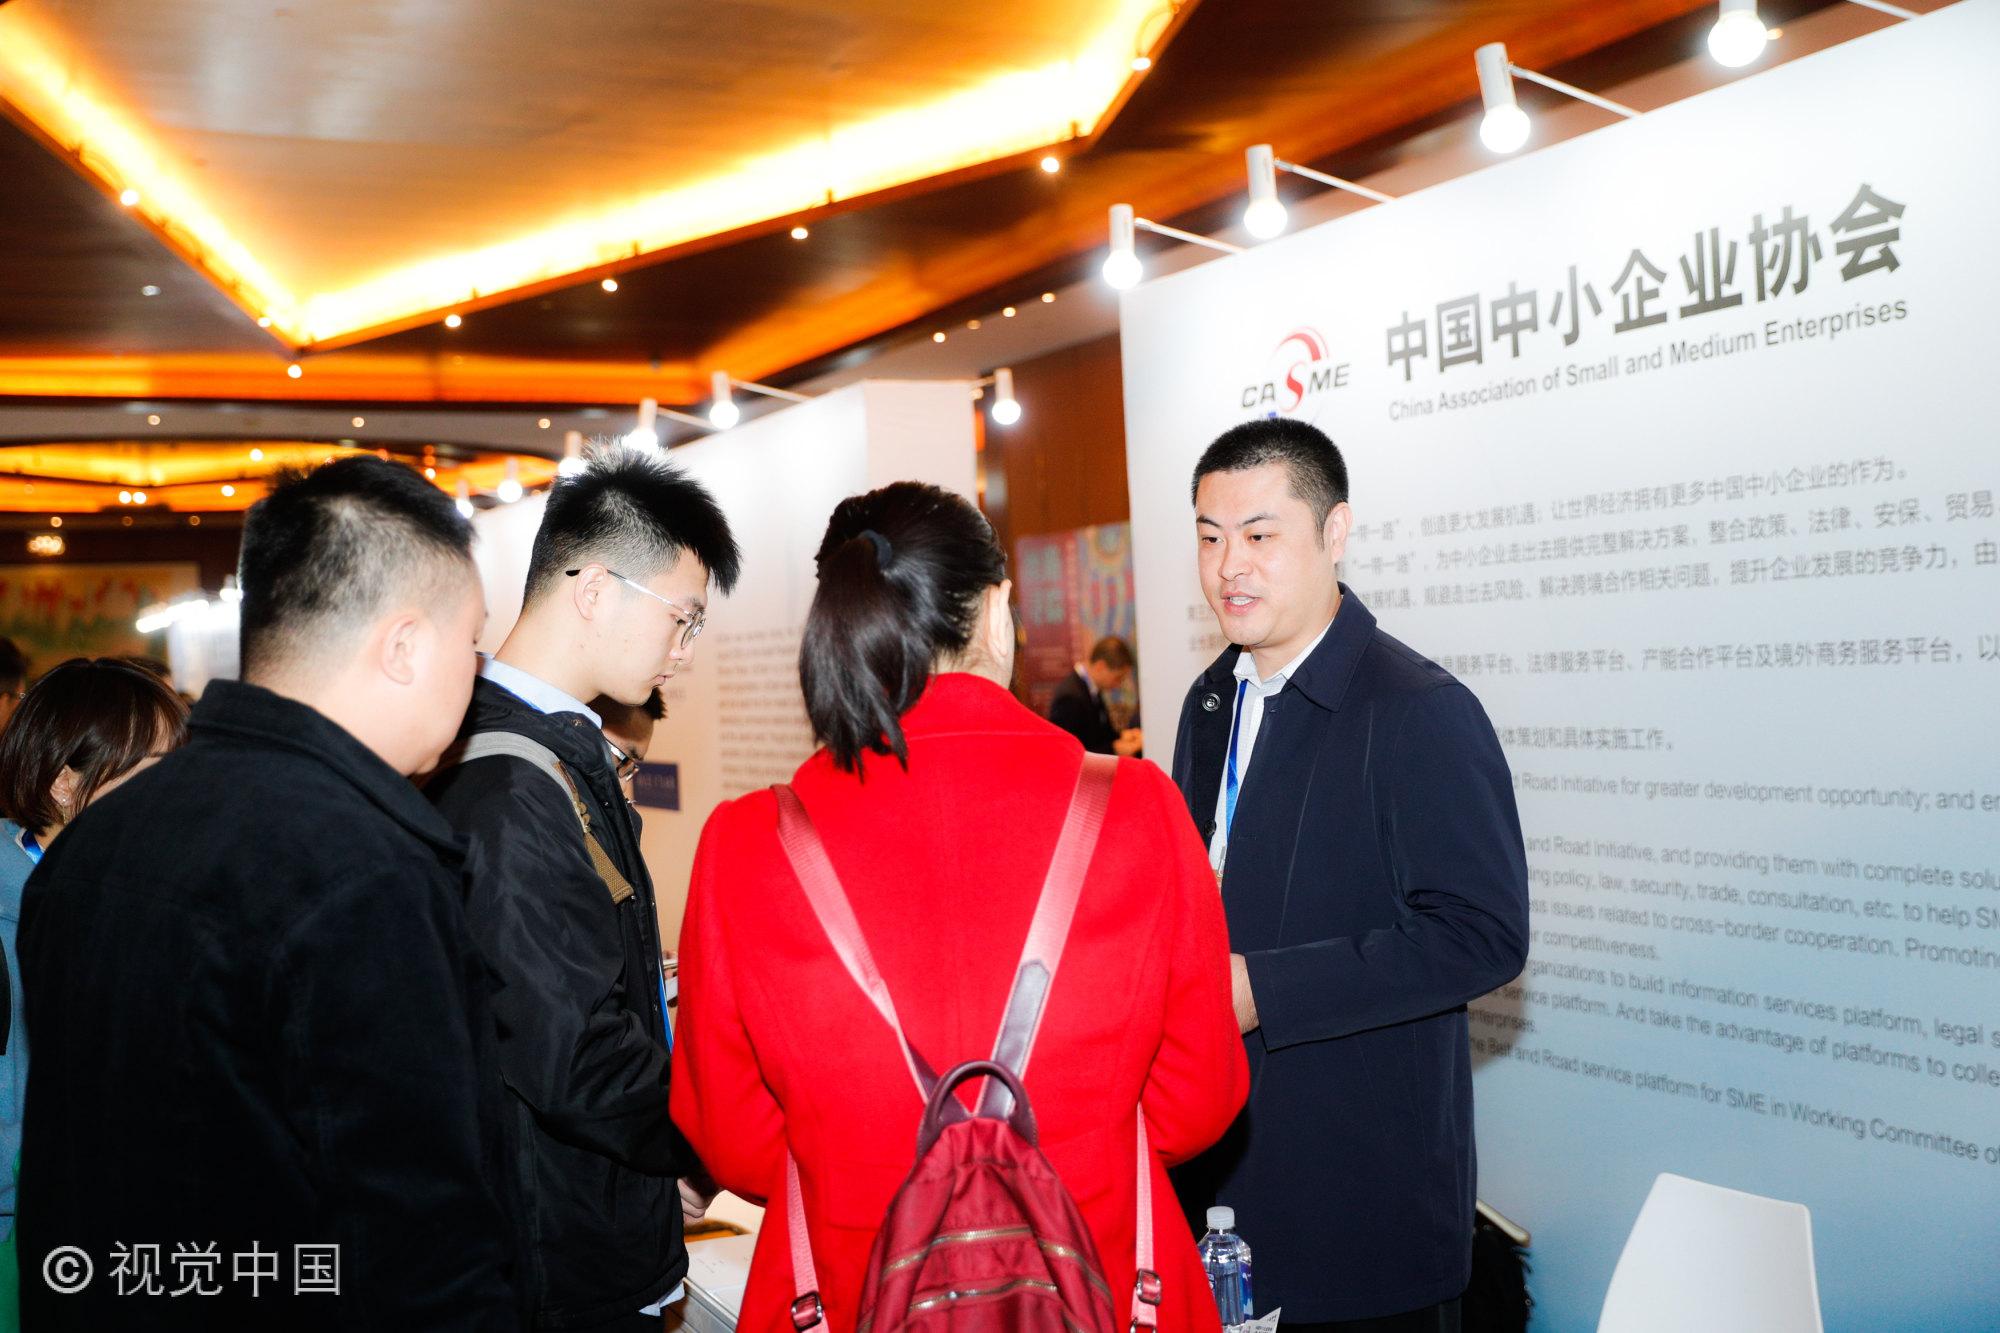 宁吉喆:对内外资企业一视同仁绝不允许强制技术转让